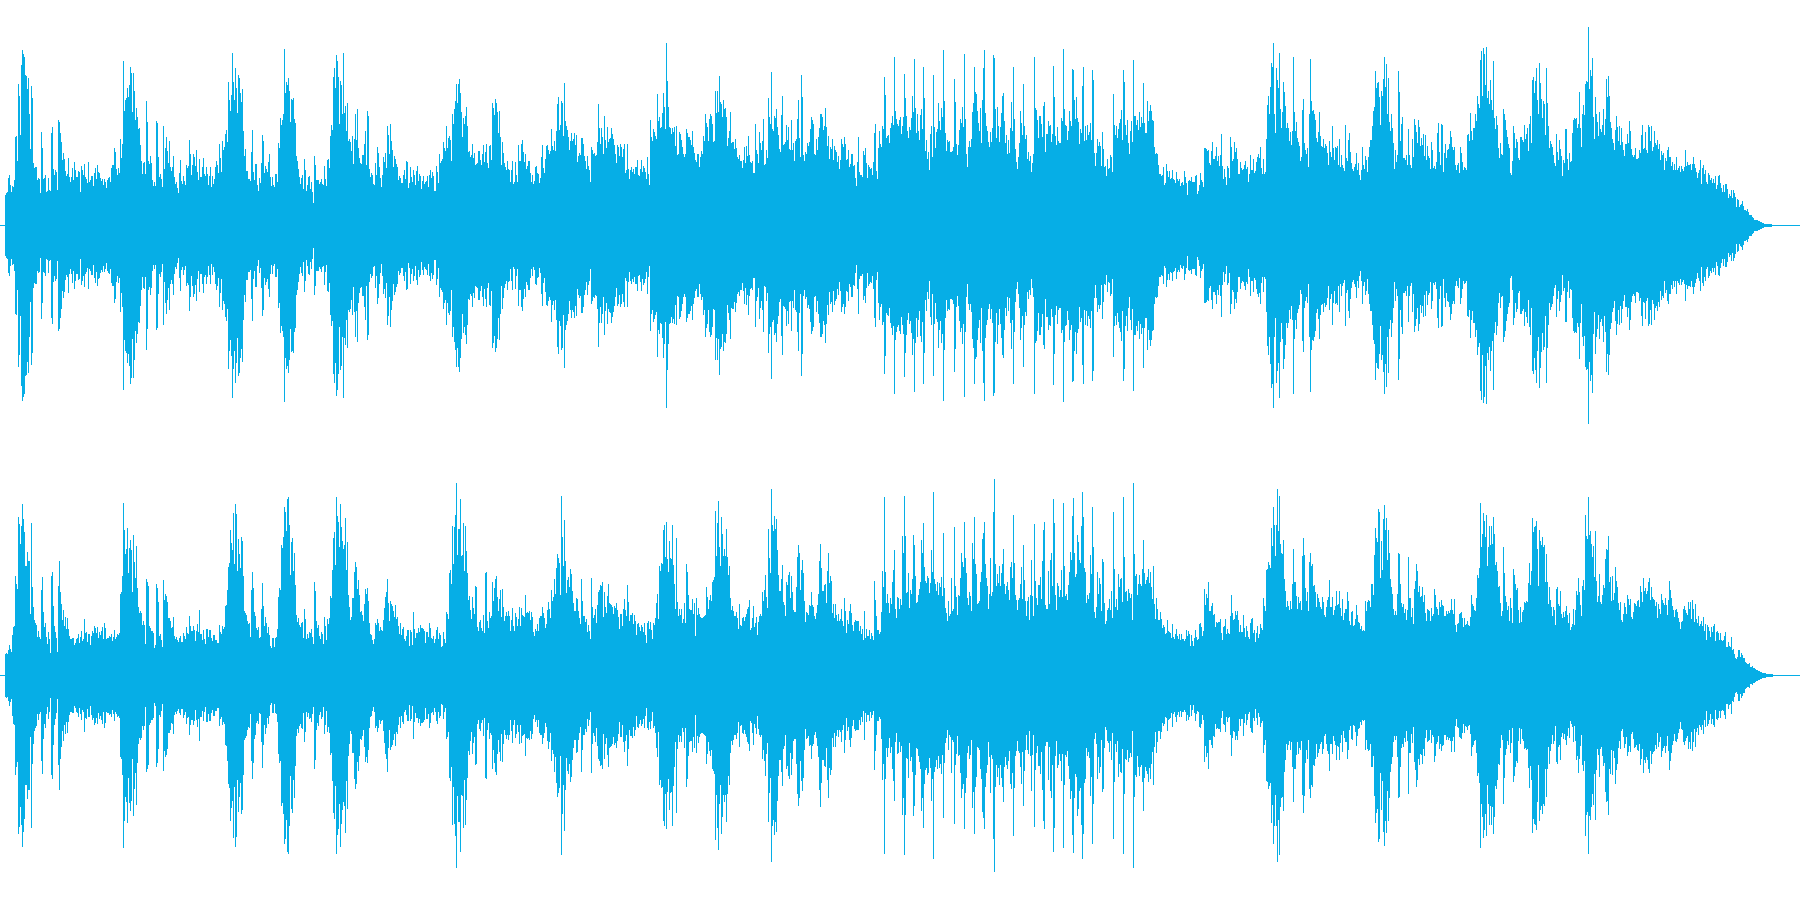 ゆったり壮大ピアノシンセサイザーサウンドの再生済みの波形